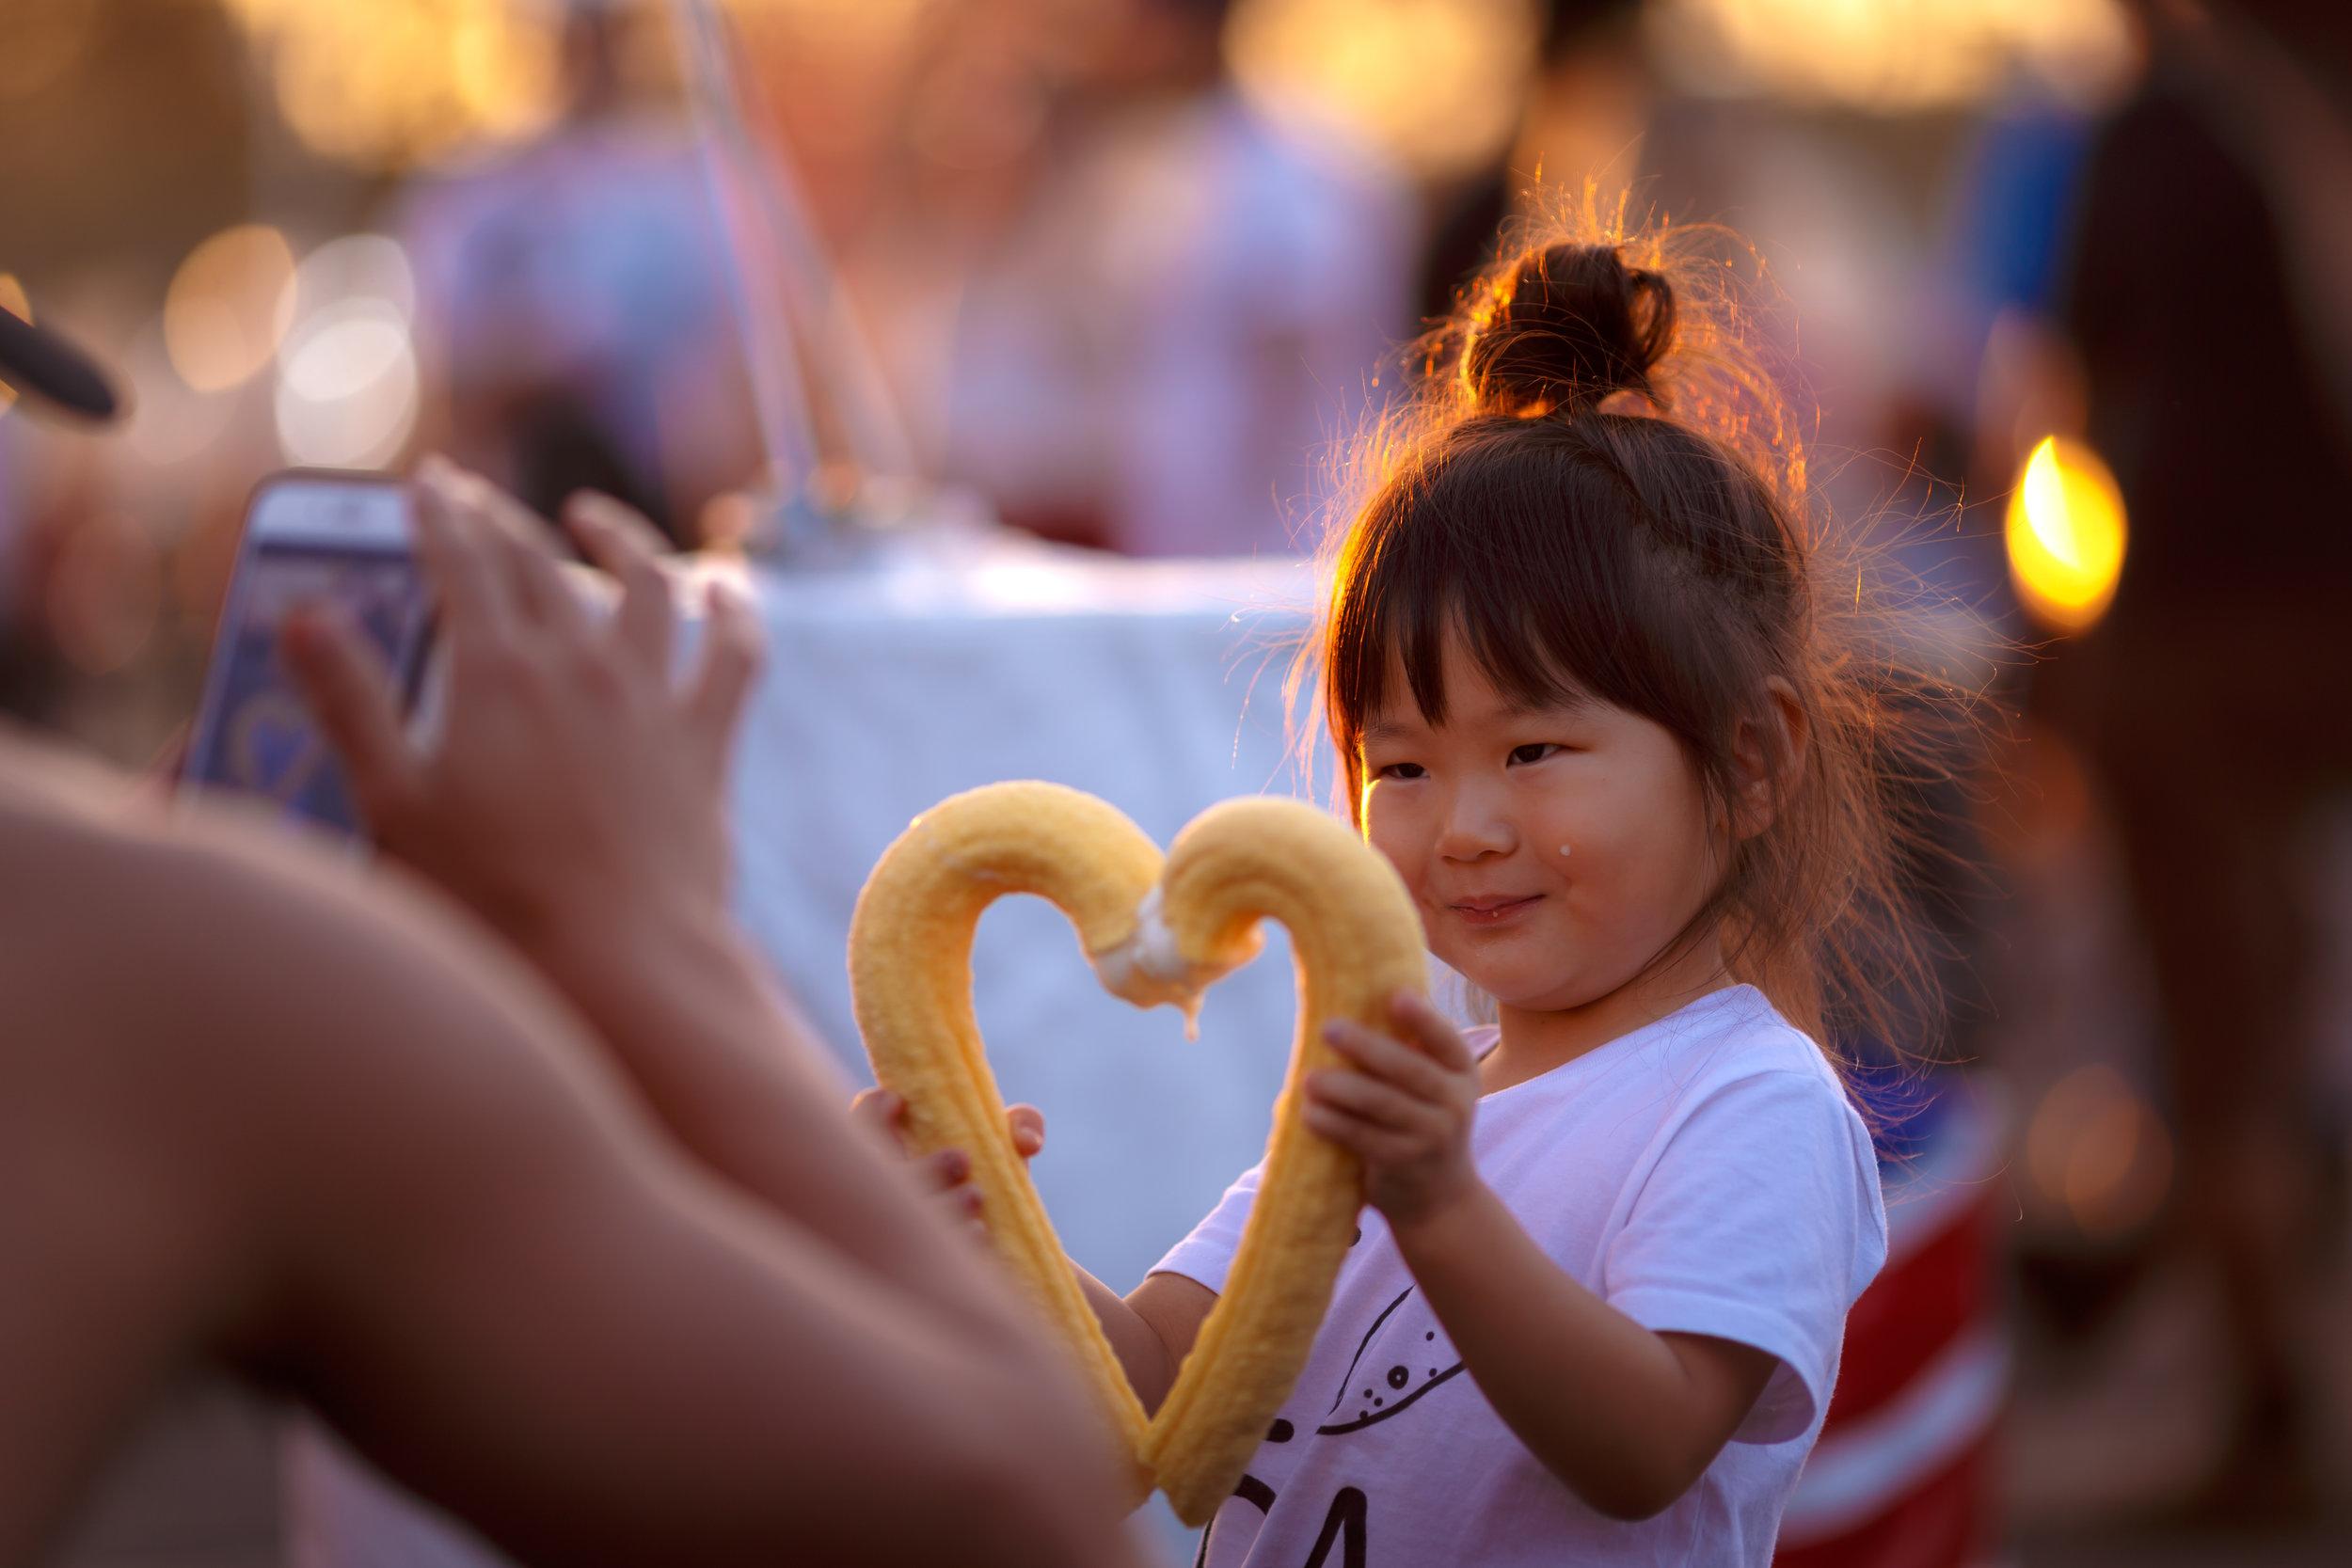 A girl enjoys Hokkaido milk ice cream in J-shaped cones from vendor Hawaiian Honey Cones. Photo by John Truong.